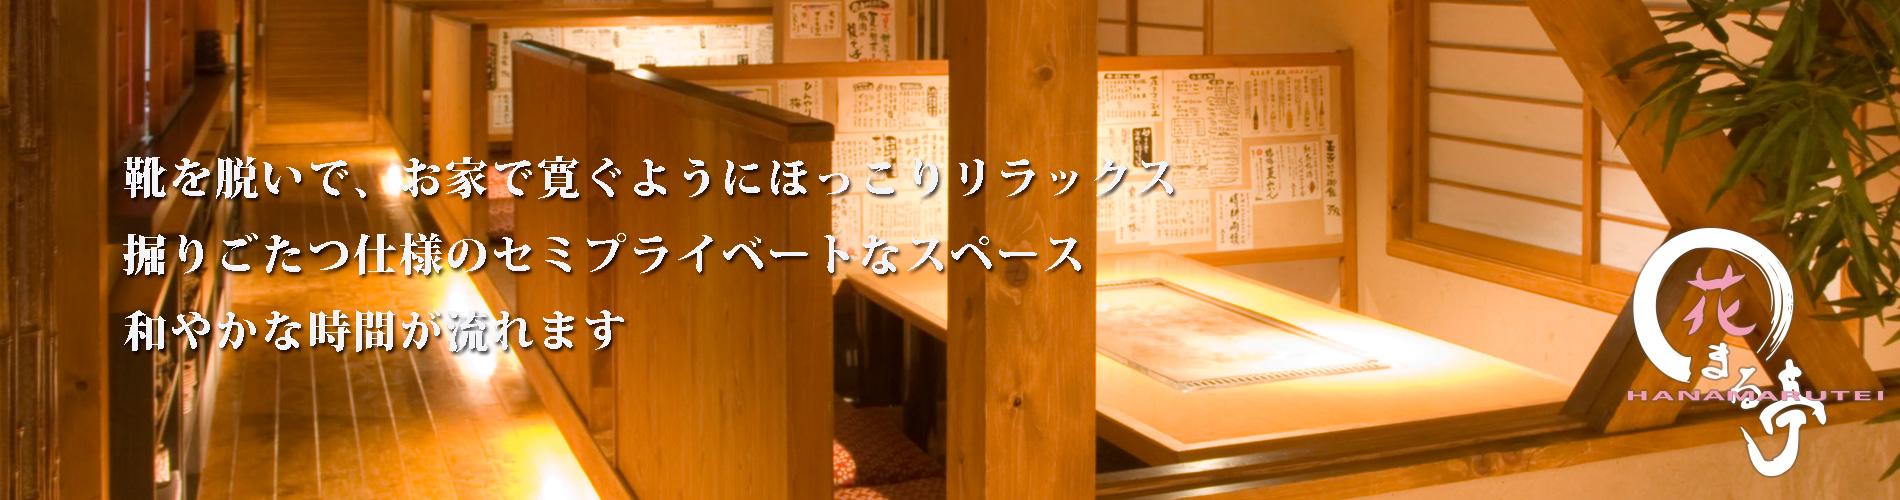 花まる亭淀屋橋店